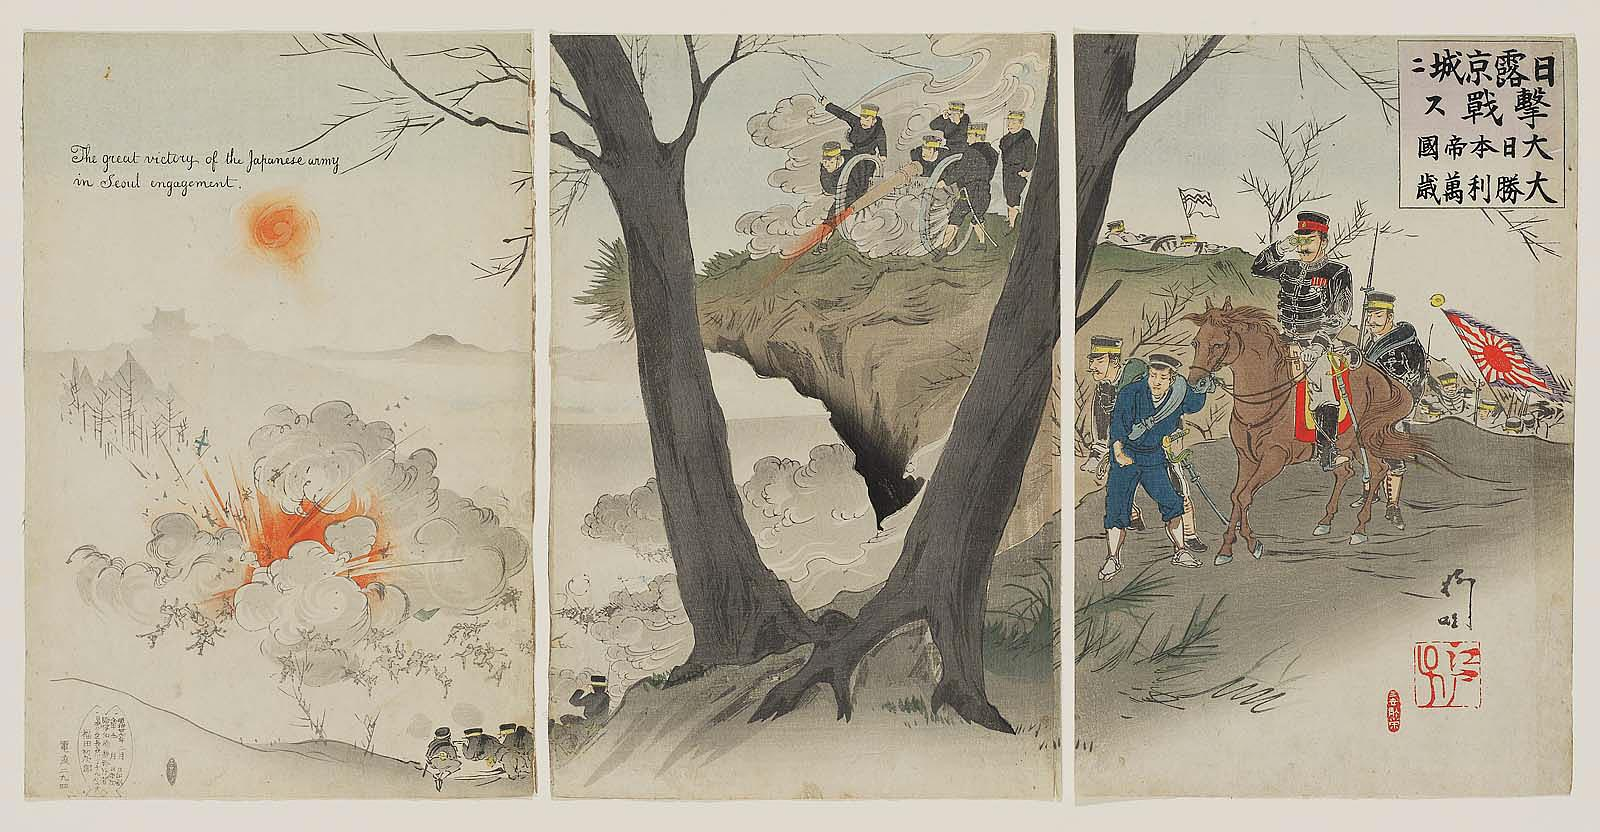 1904. Битва между Японией и Россией в Сеуле. Ура за великую победу Великой японской империи!